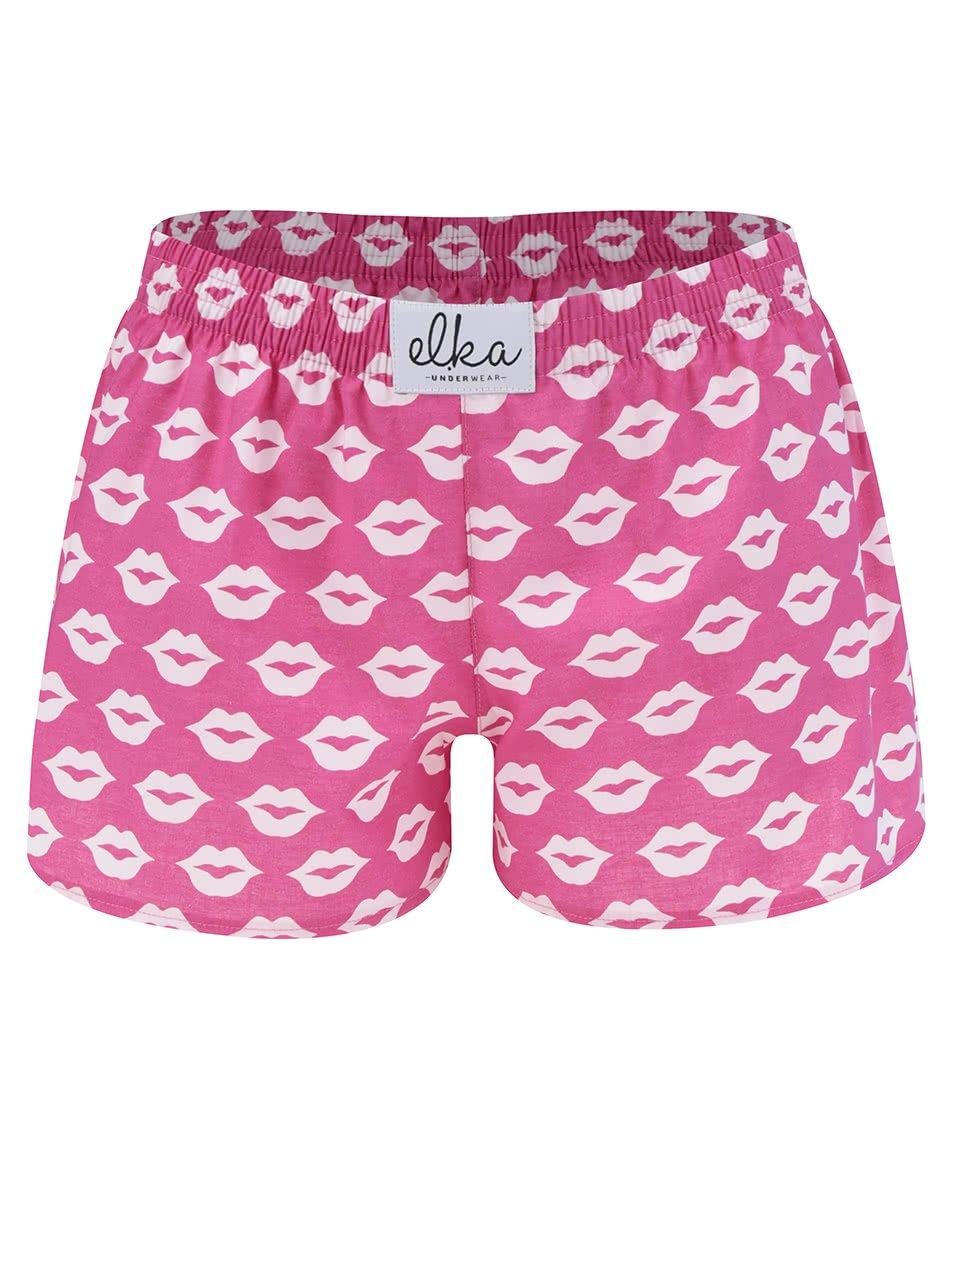 Růžové dámské trenýrky s motivem rtů El.Ka Underwear